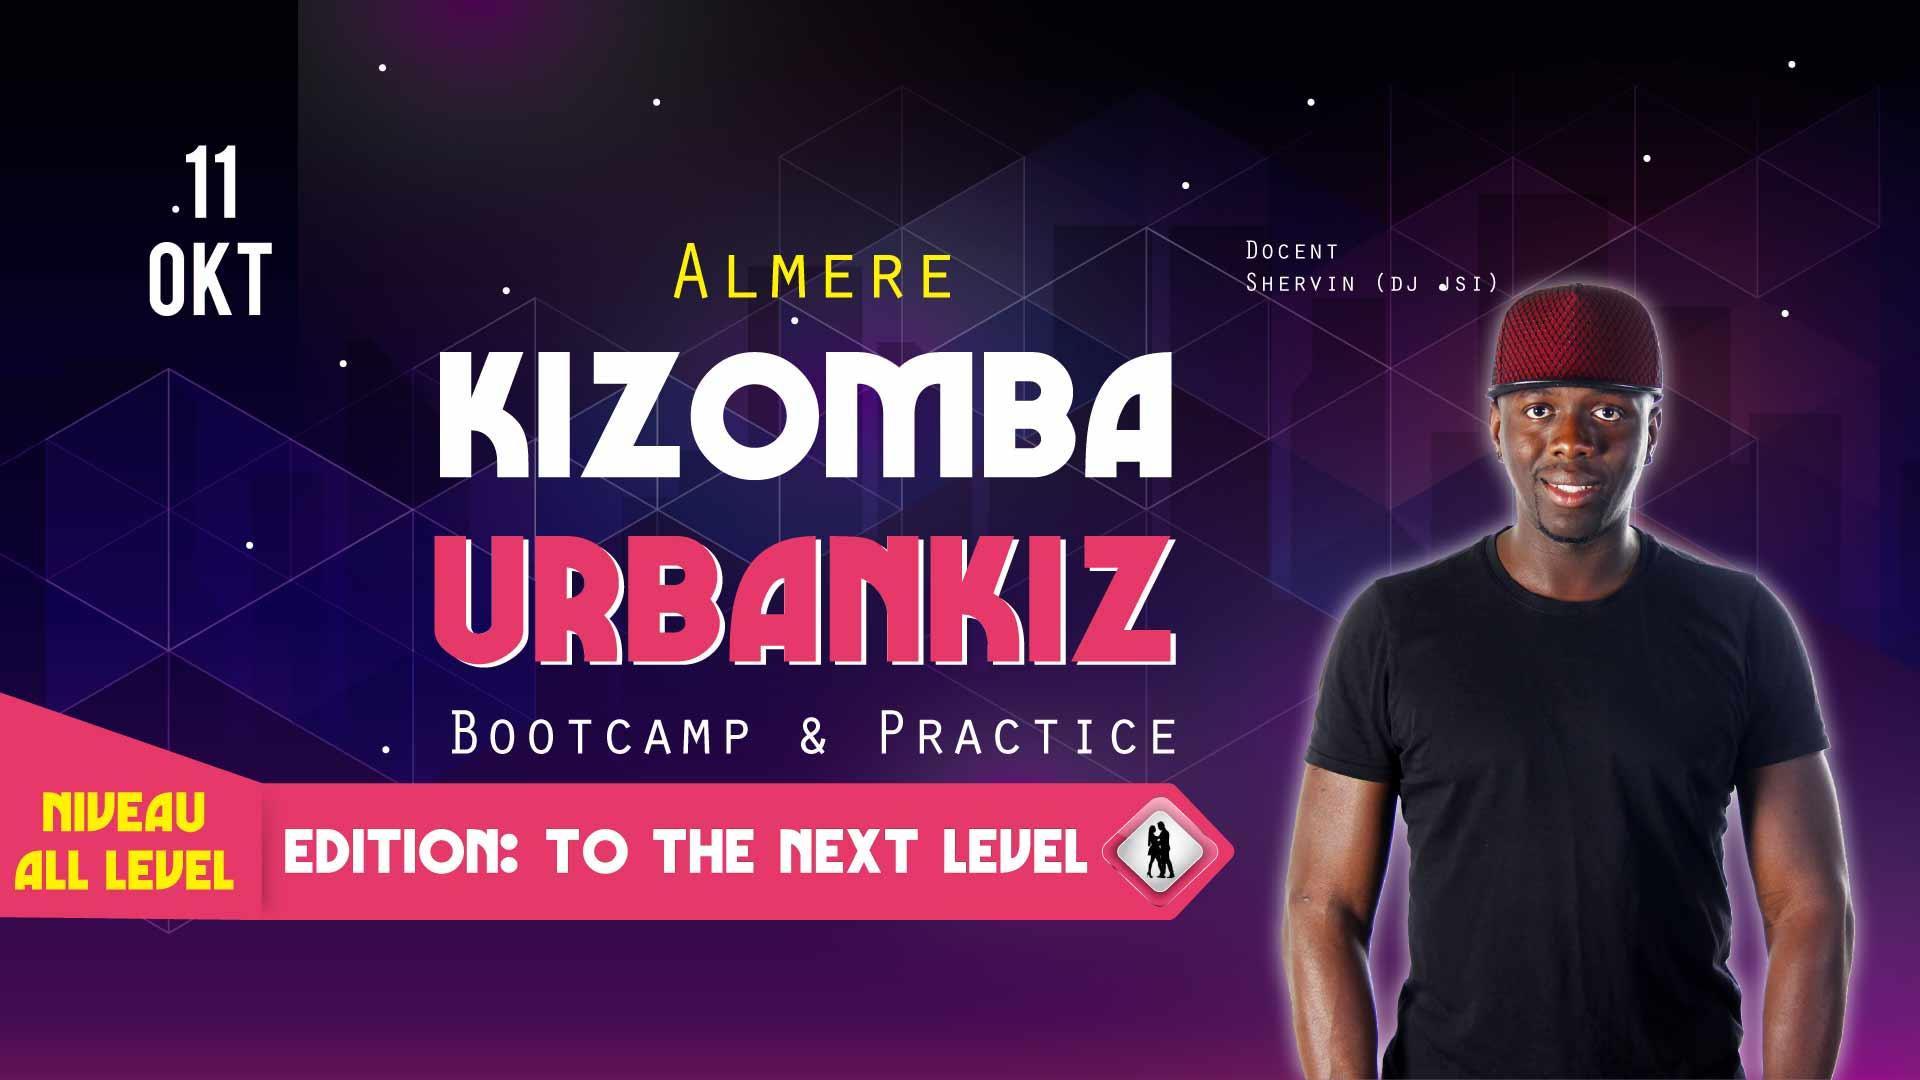 almere-kizomba-urbankiz-bootamp-11-oktober-20201